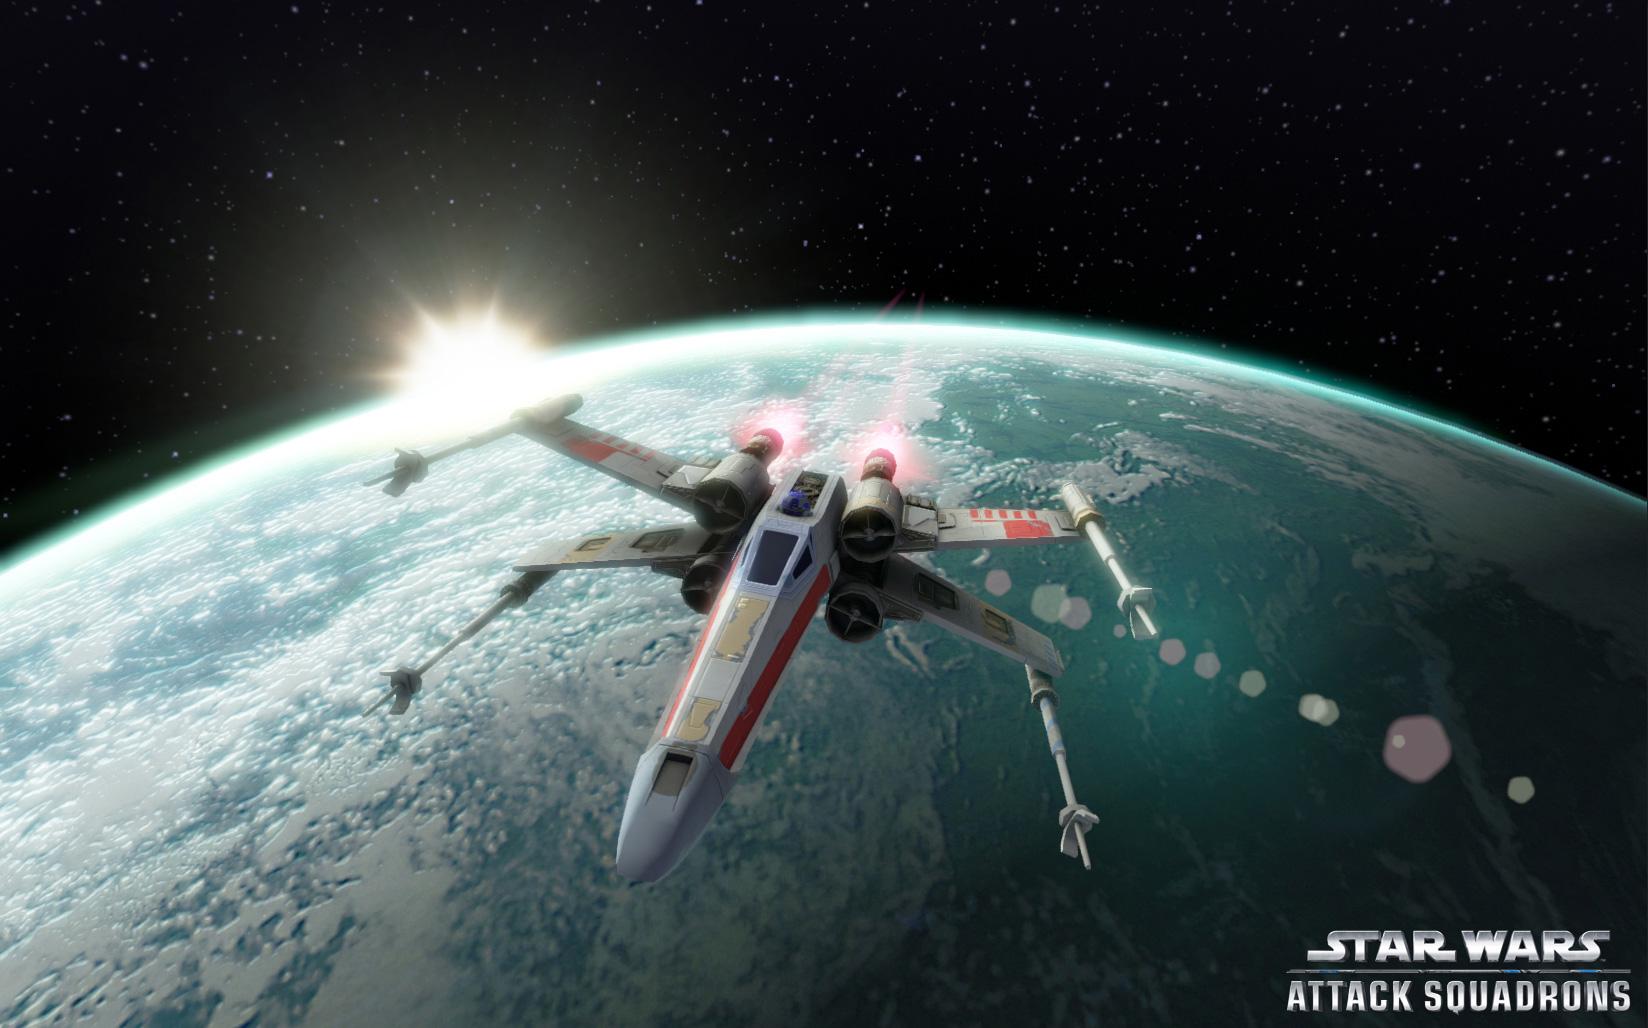 Star Wars: Attack Squadrons no es el remake de X-Wing VS Tie Fighter que están buscando [Anuncios]